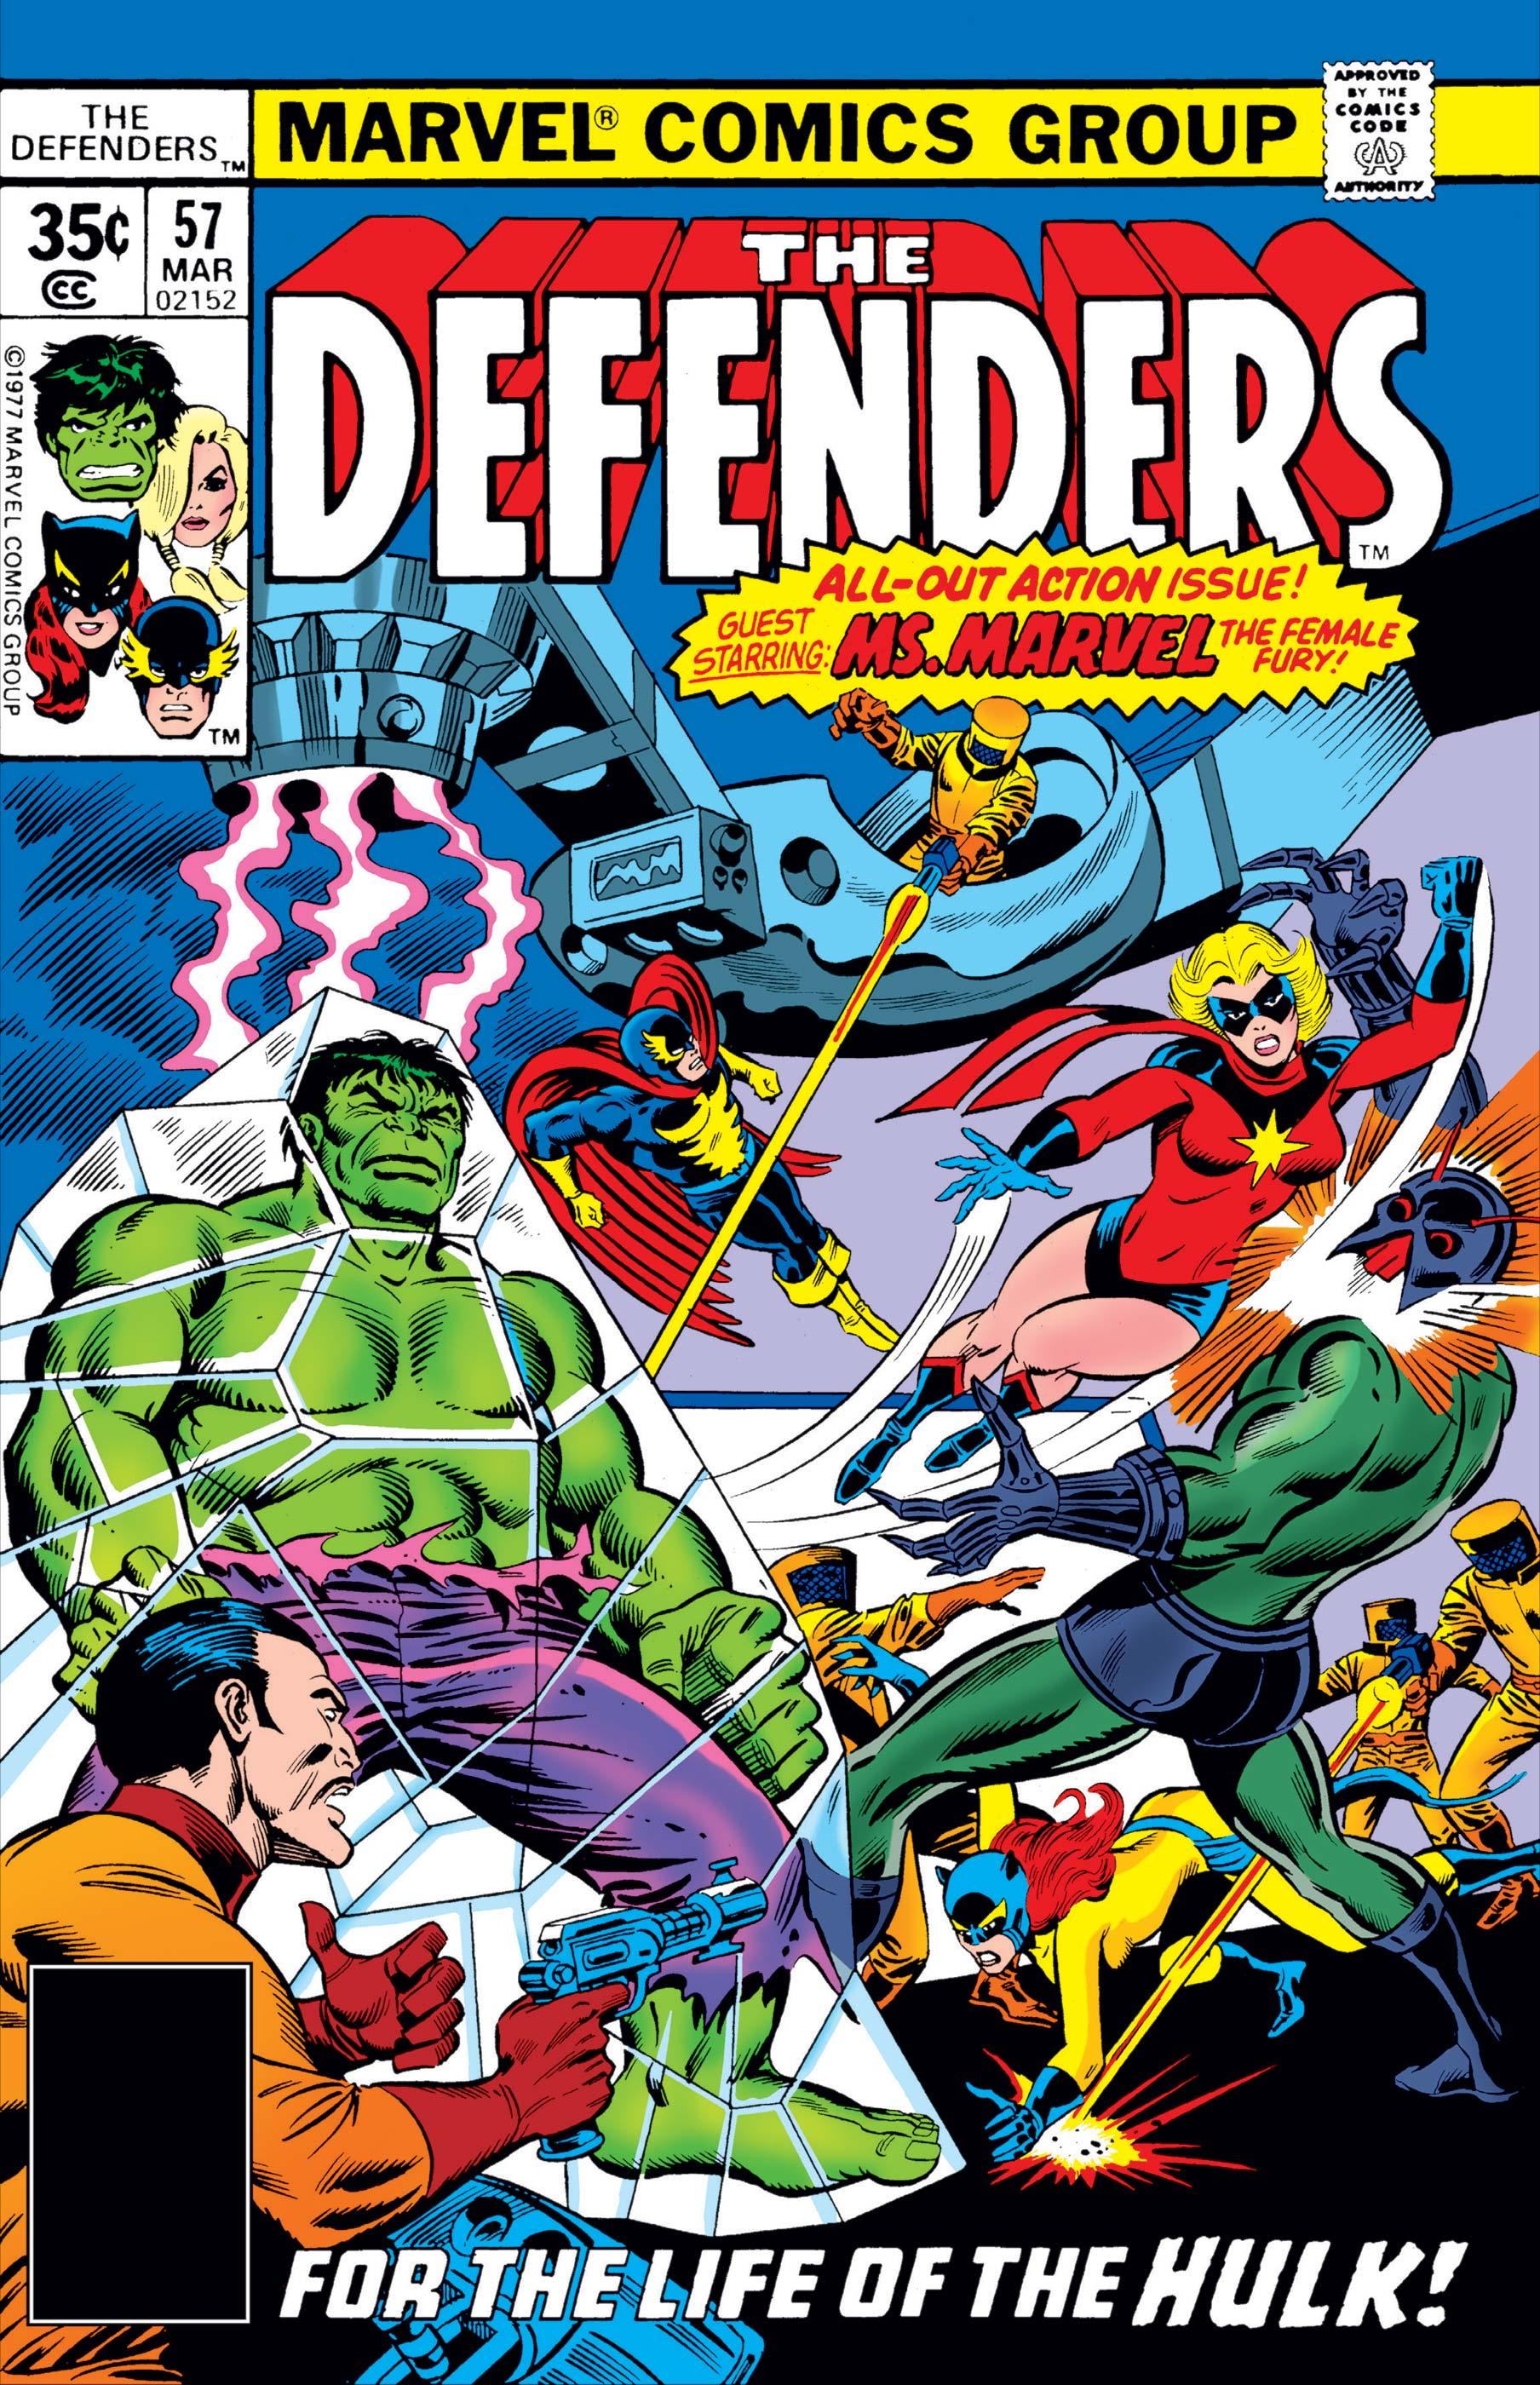 Defenders (1972) #57